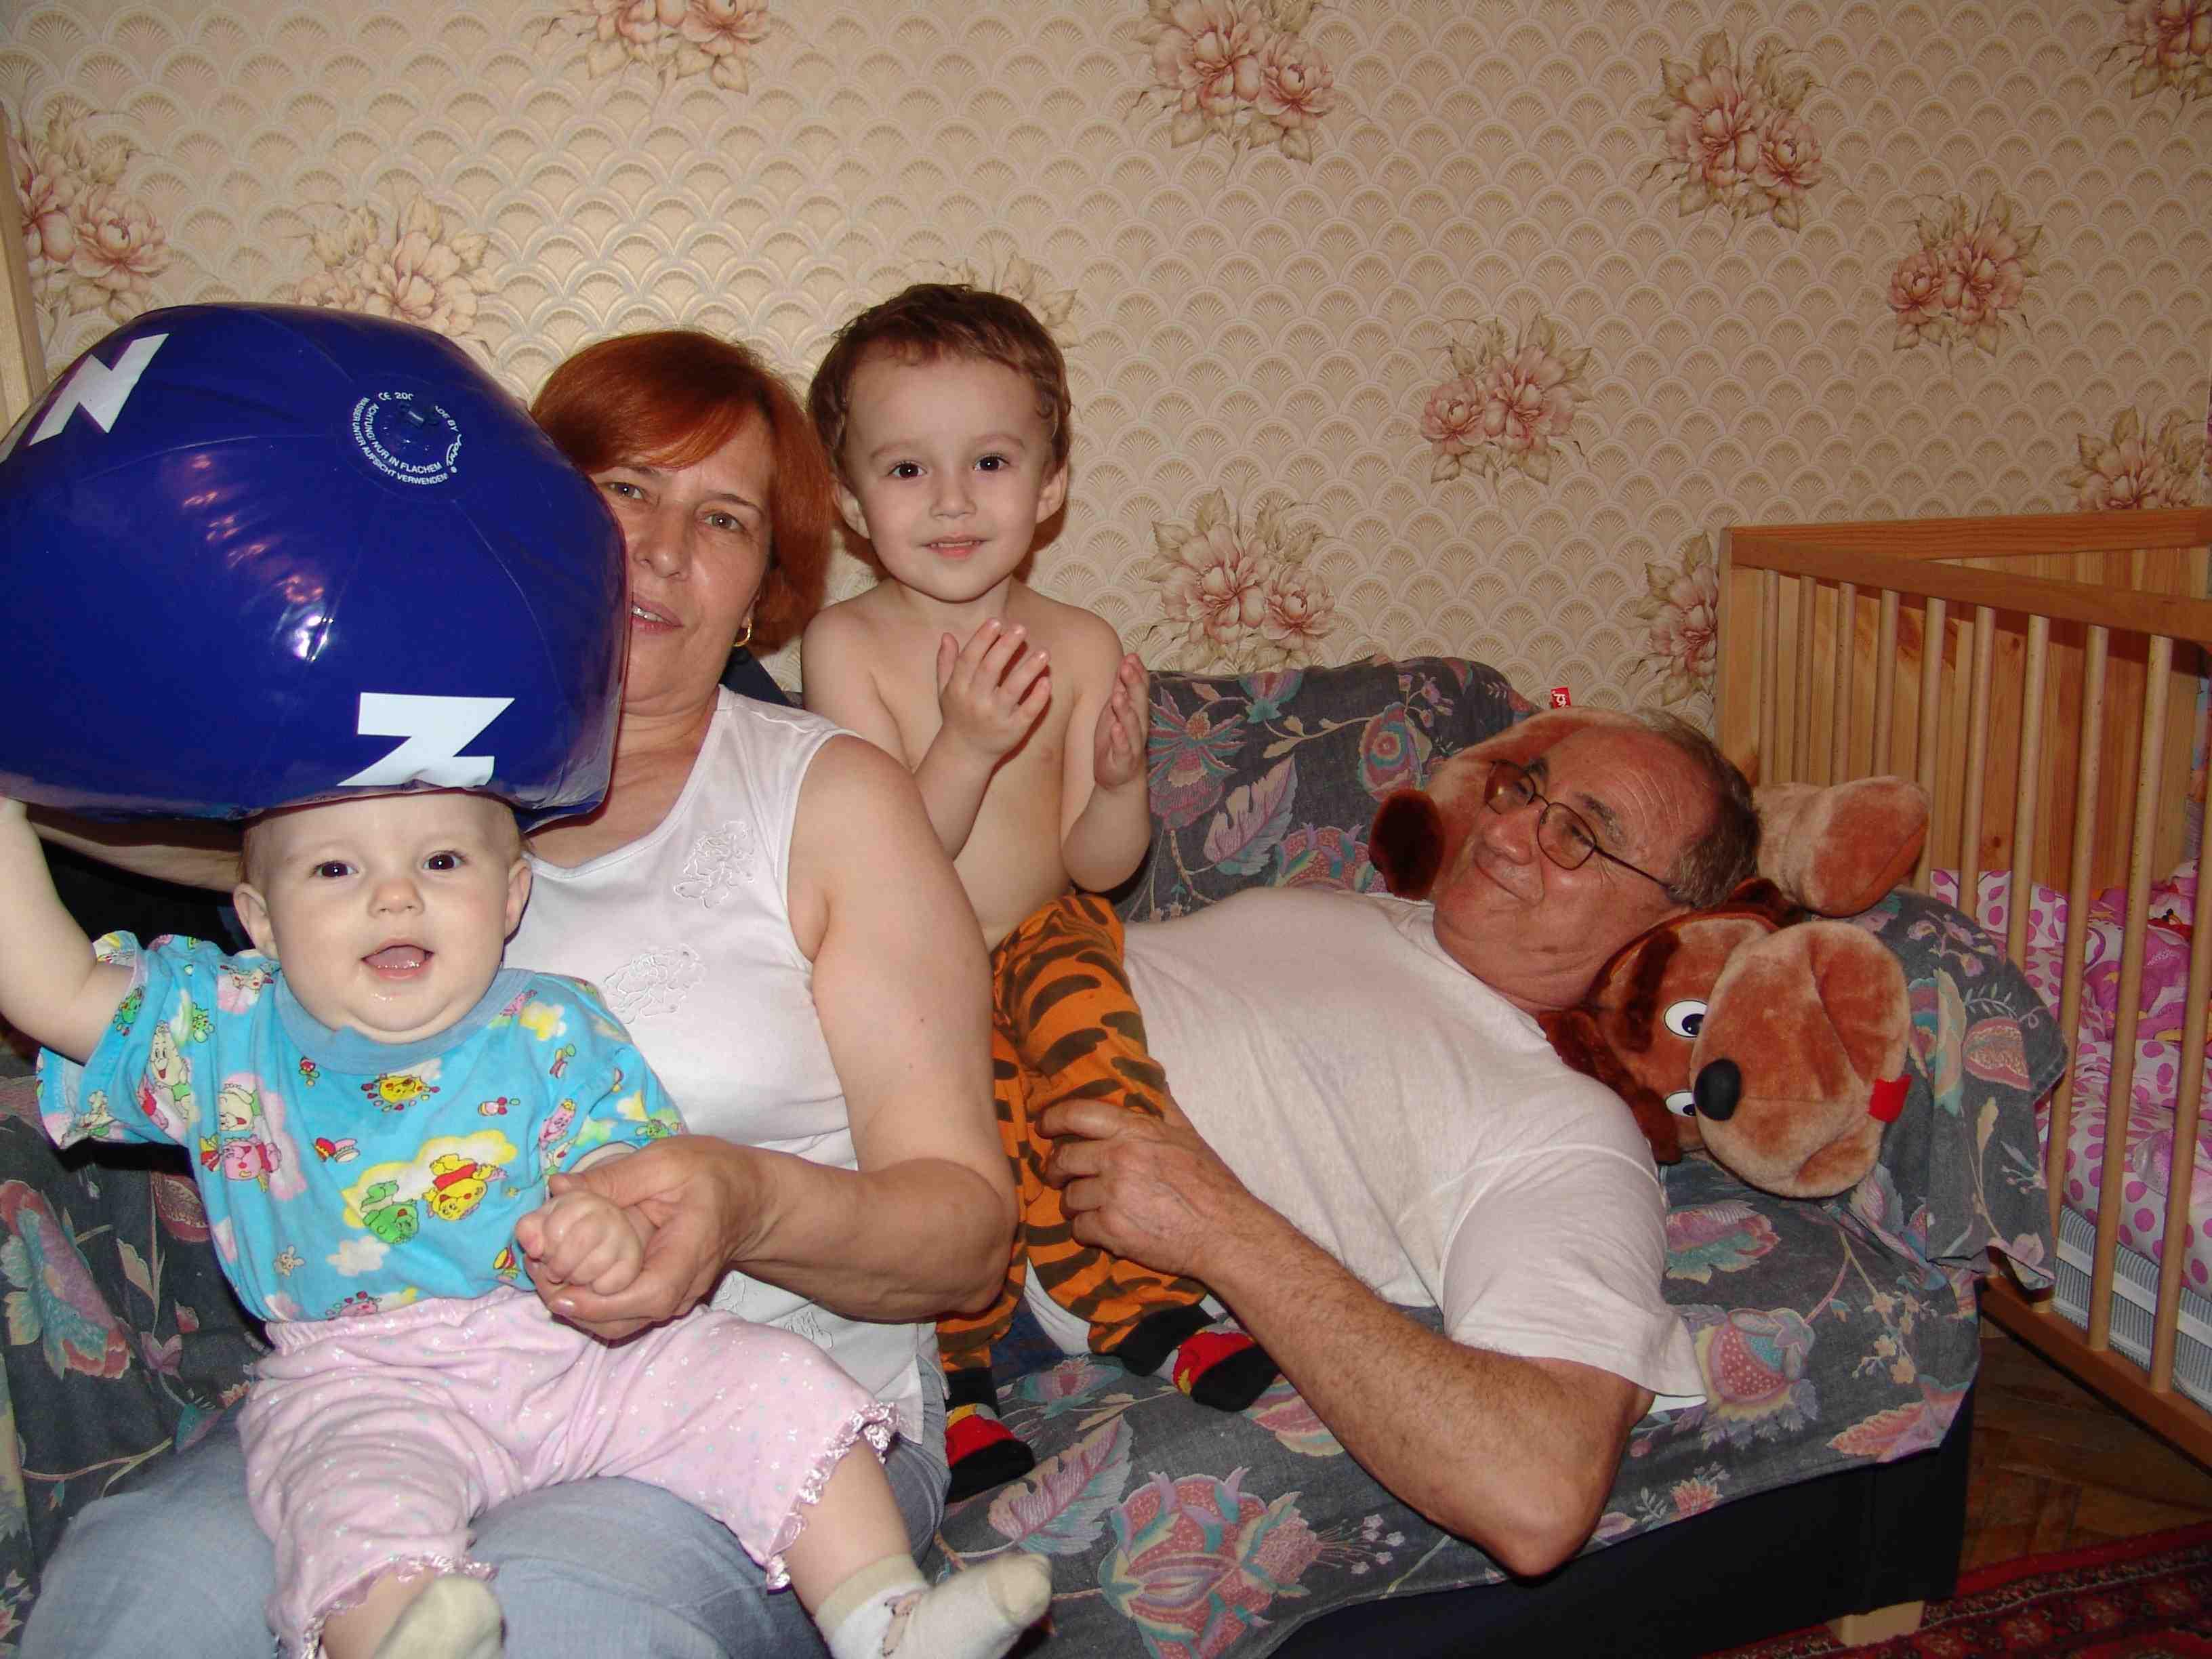 деда с бабулей приехали в гости. Детки и предки